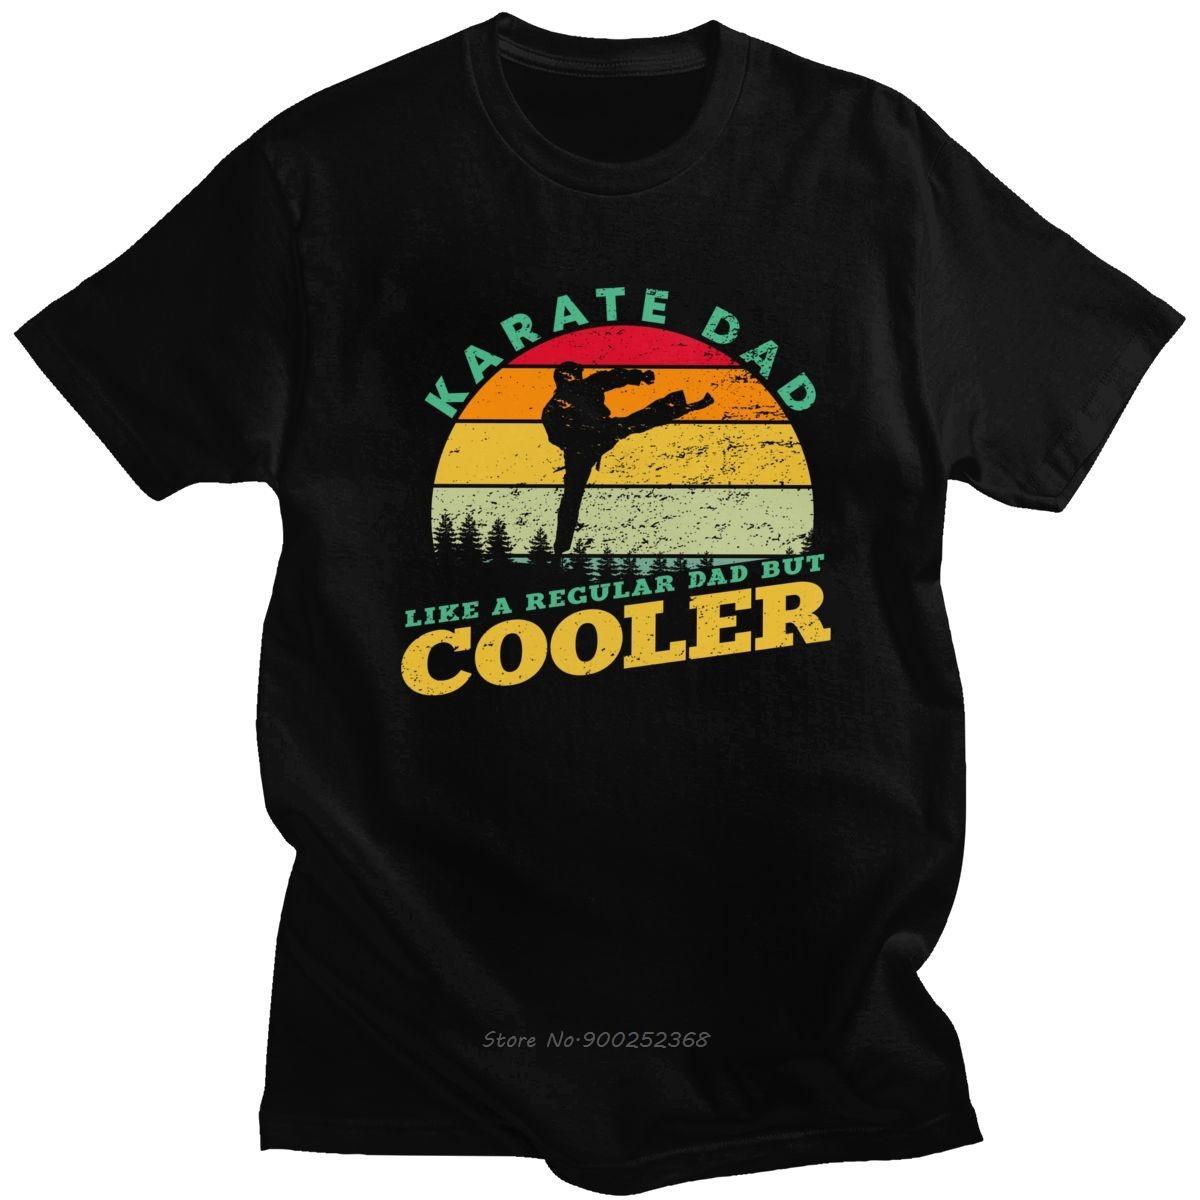 Dövüş sanatı Baskı Vintage Karate Baba Tişört Erkekler Kısa Kollu Pamuk T-Shirt Retro karateci Tee Gömlek Harajuku Hediye Tops